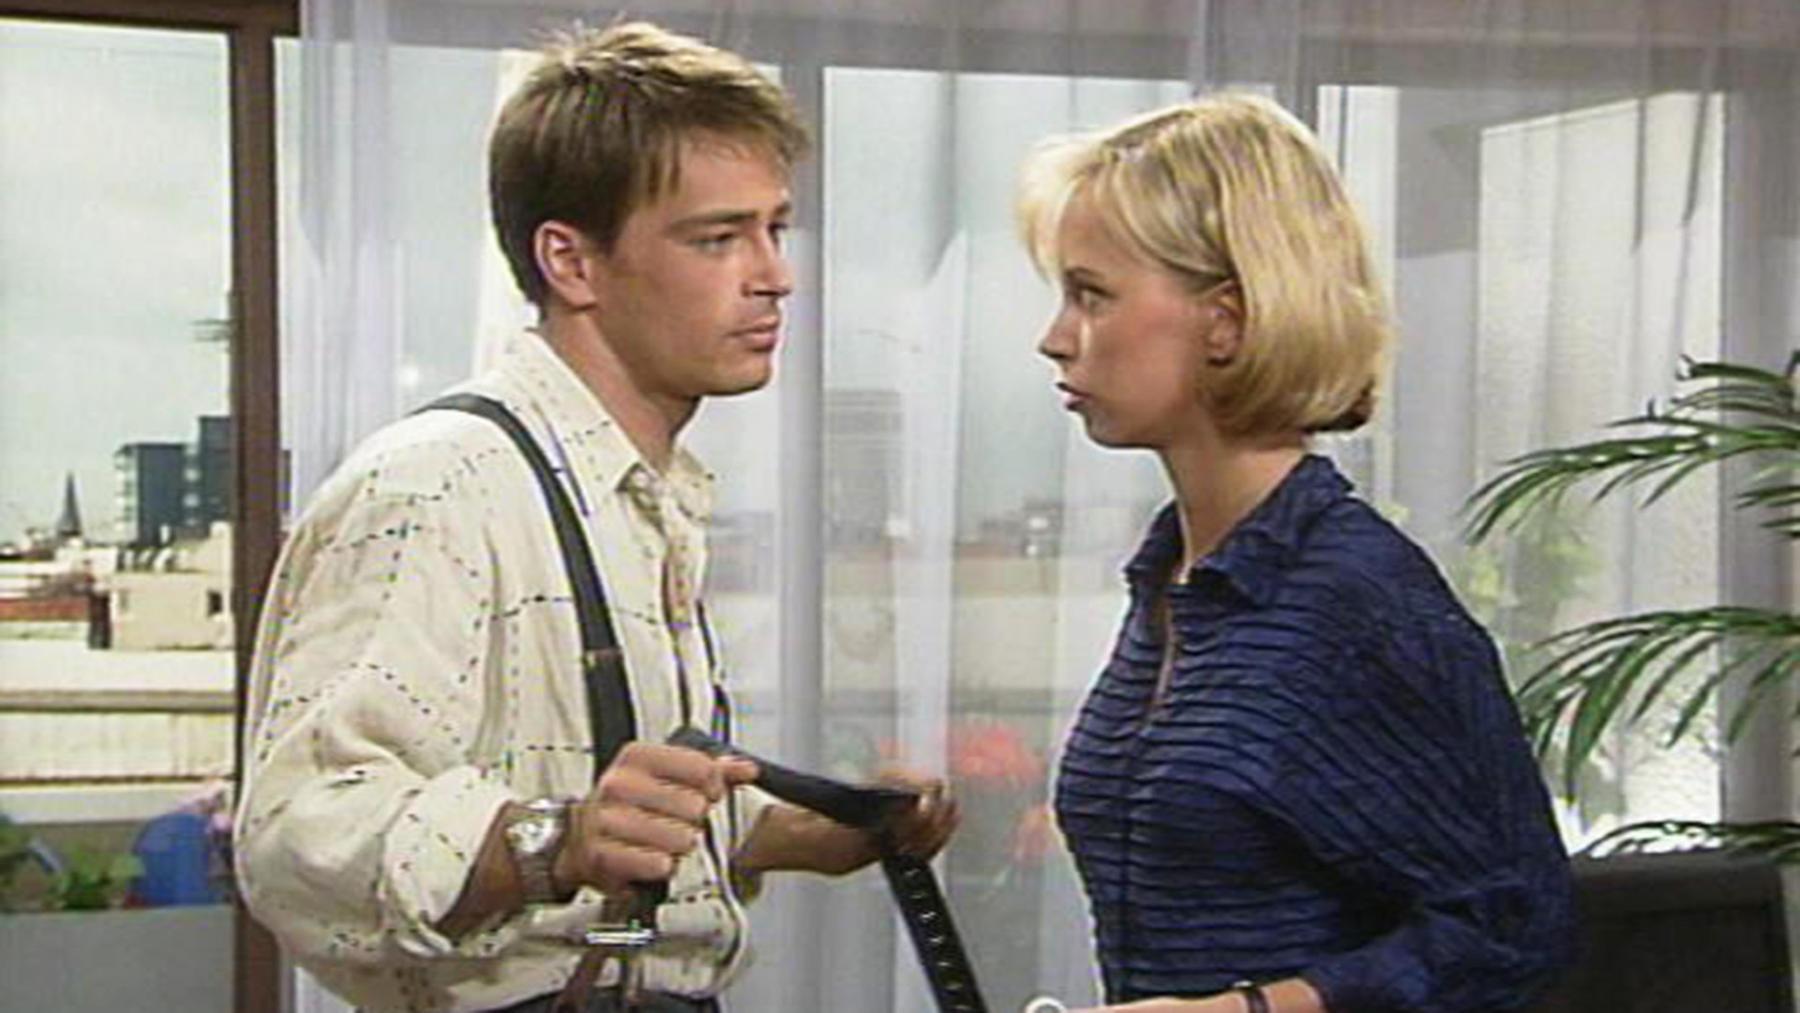 Klaus überredet Heiko, Motocross-Rennen zu fahren.